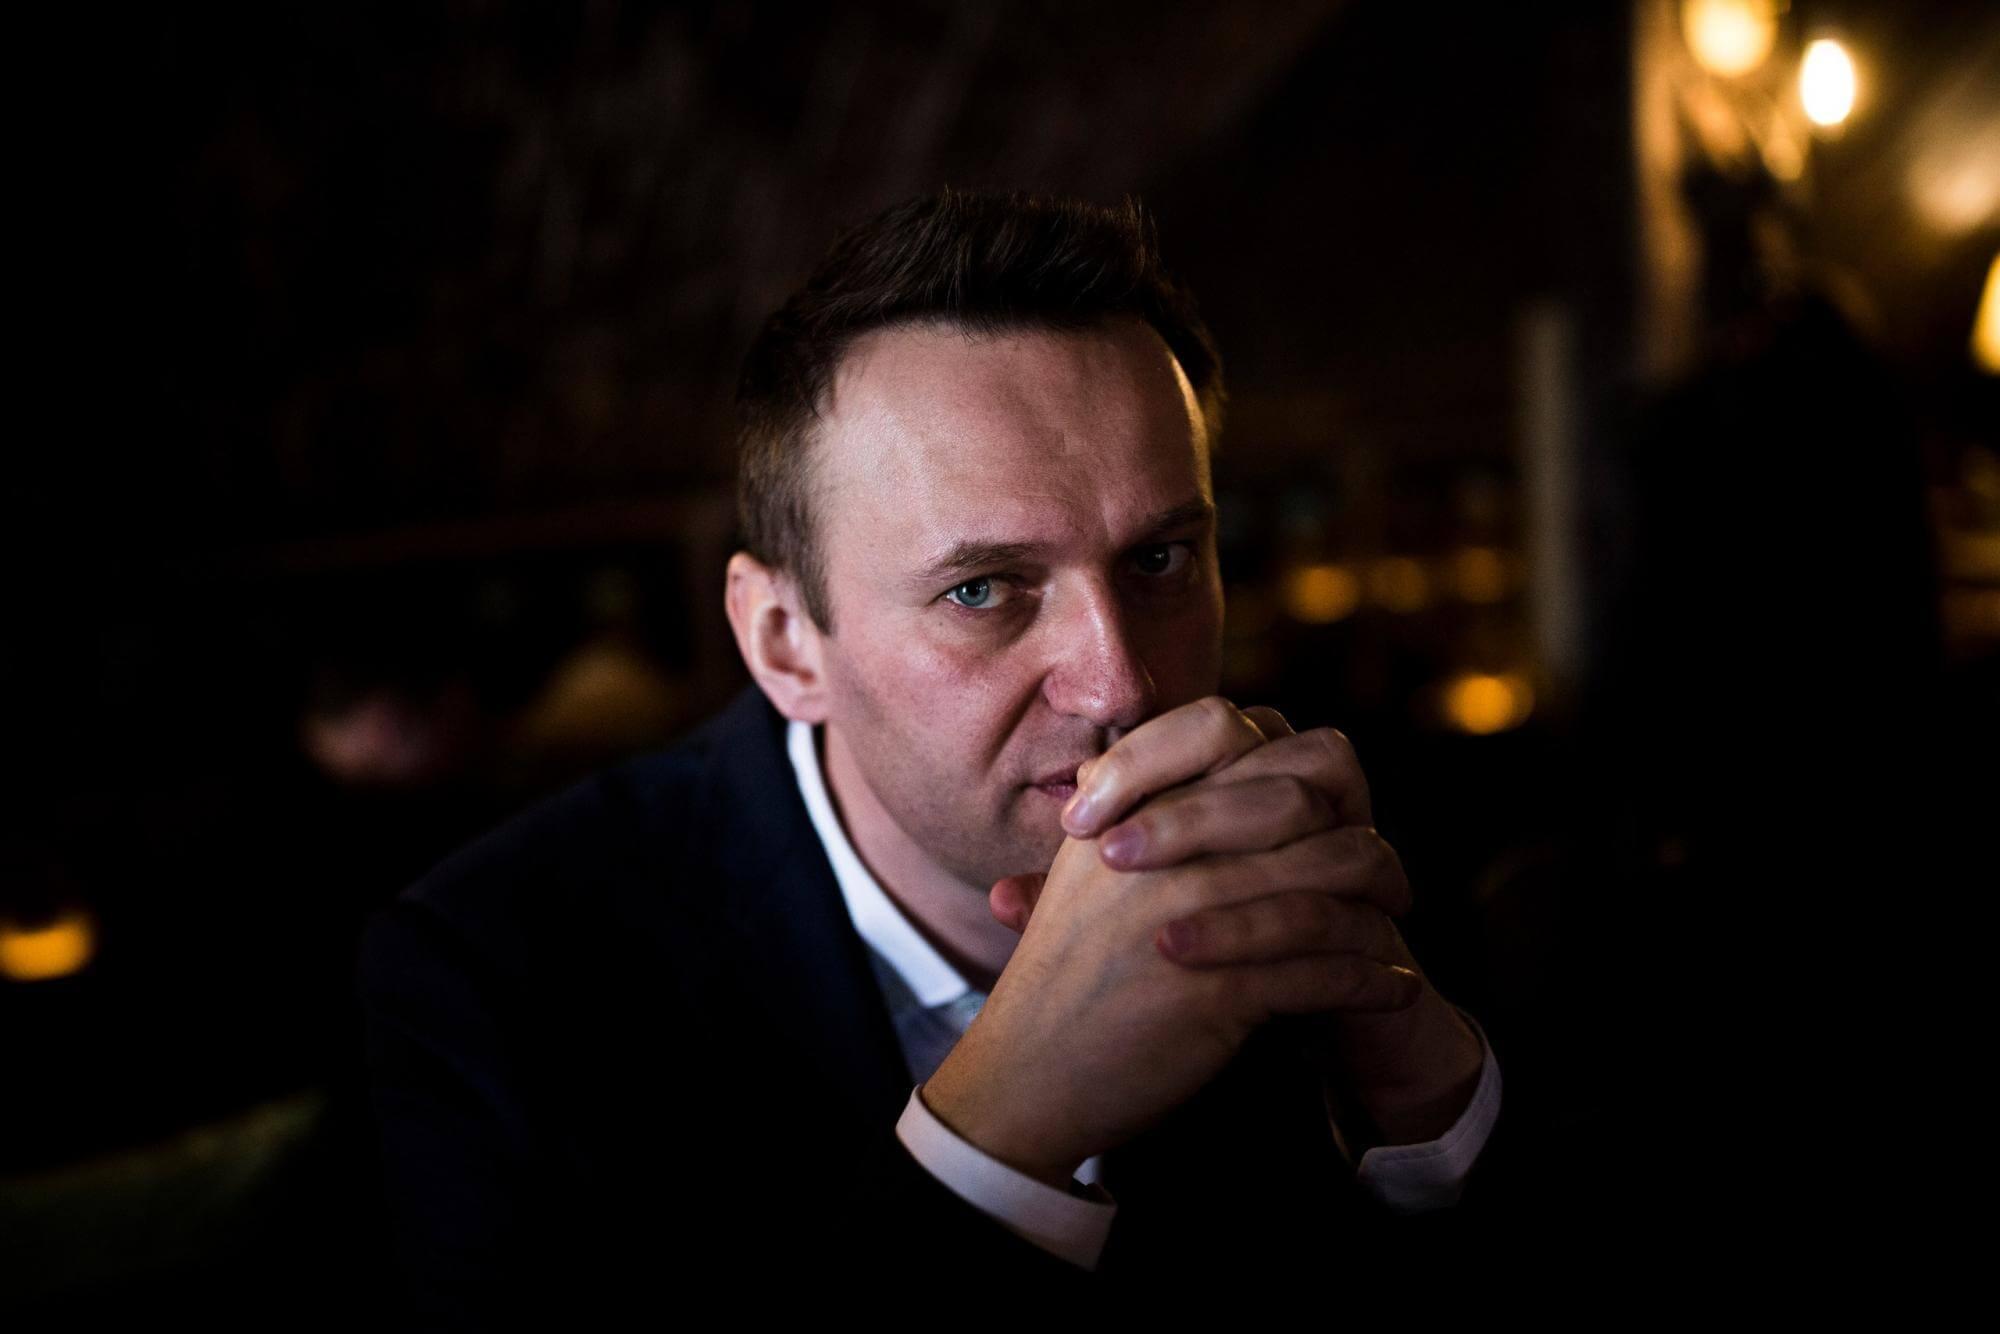 Эксперт назвал возвращение Навального тестом для правовой системы РФ